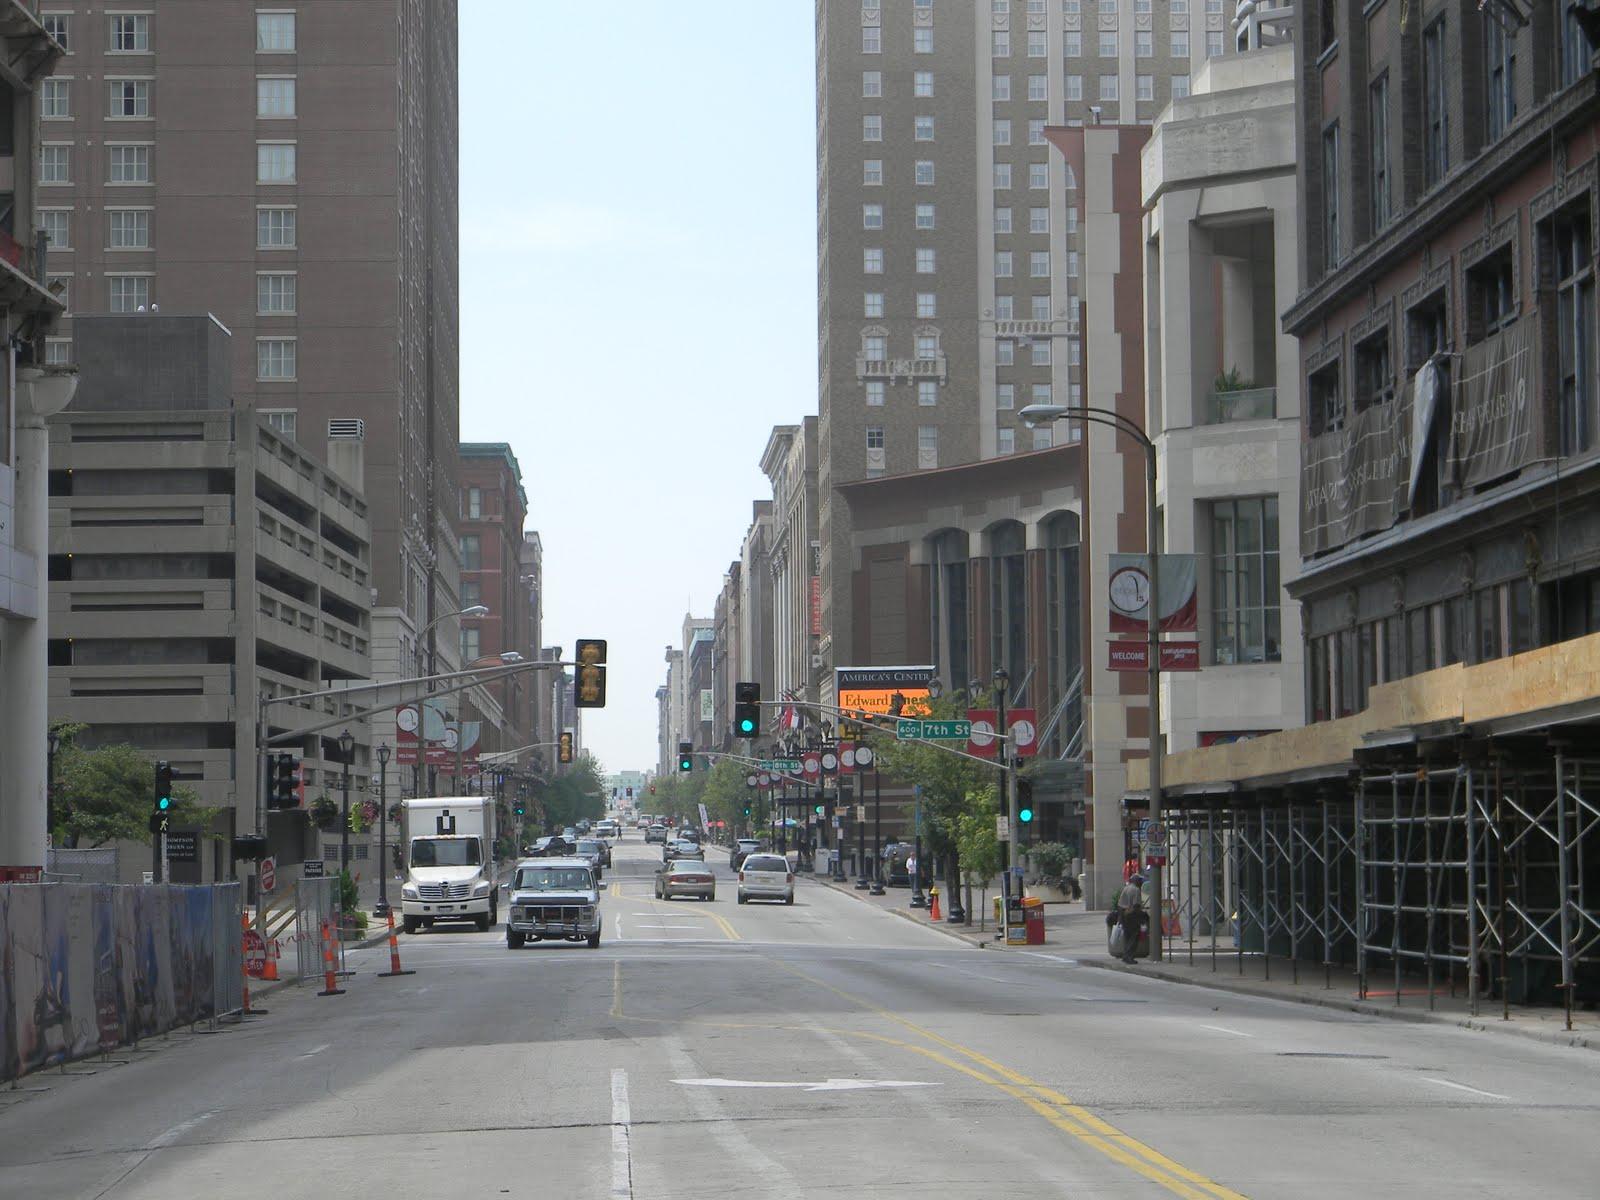 Lofts Downtown St Louis Mo